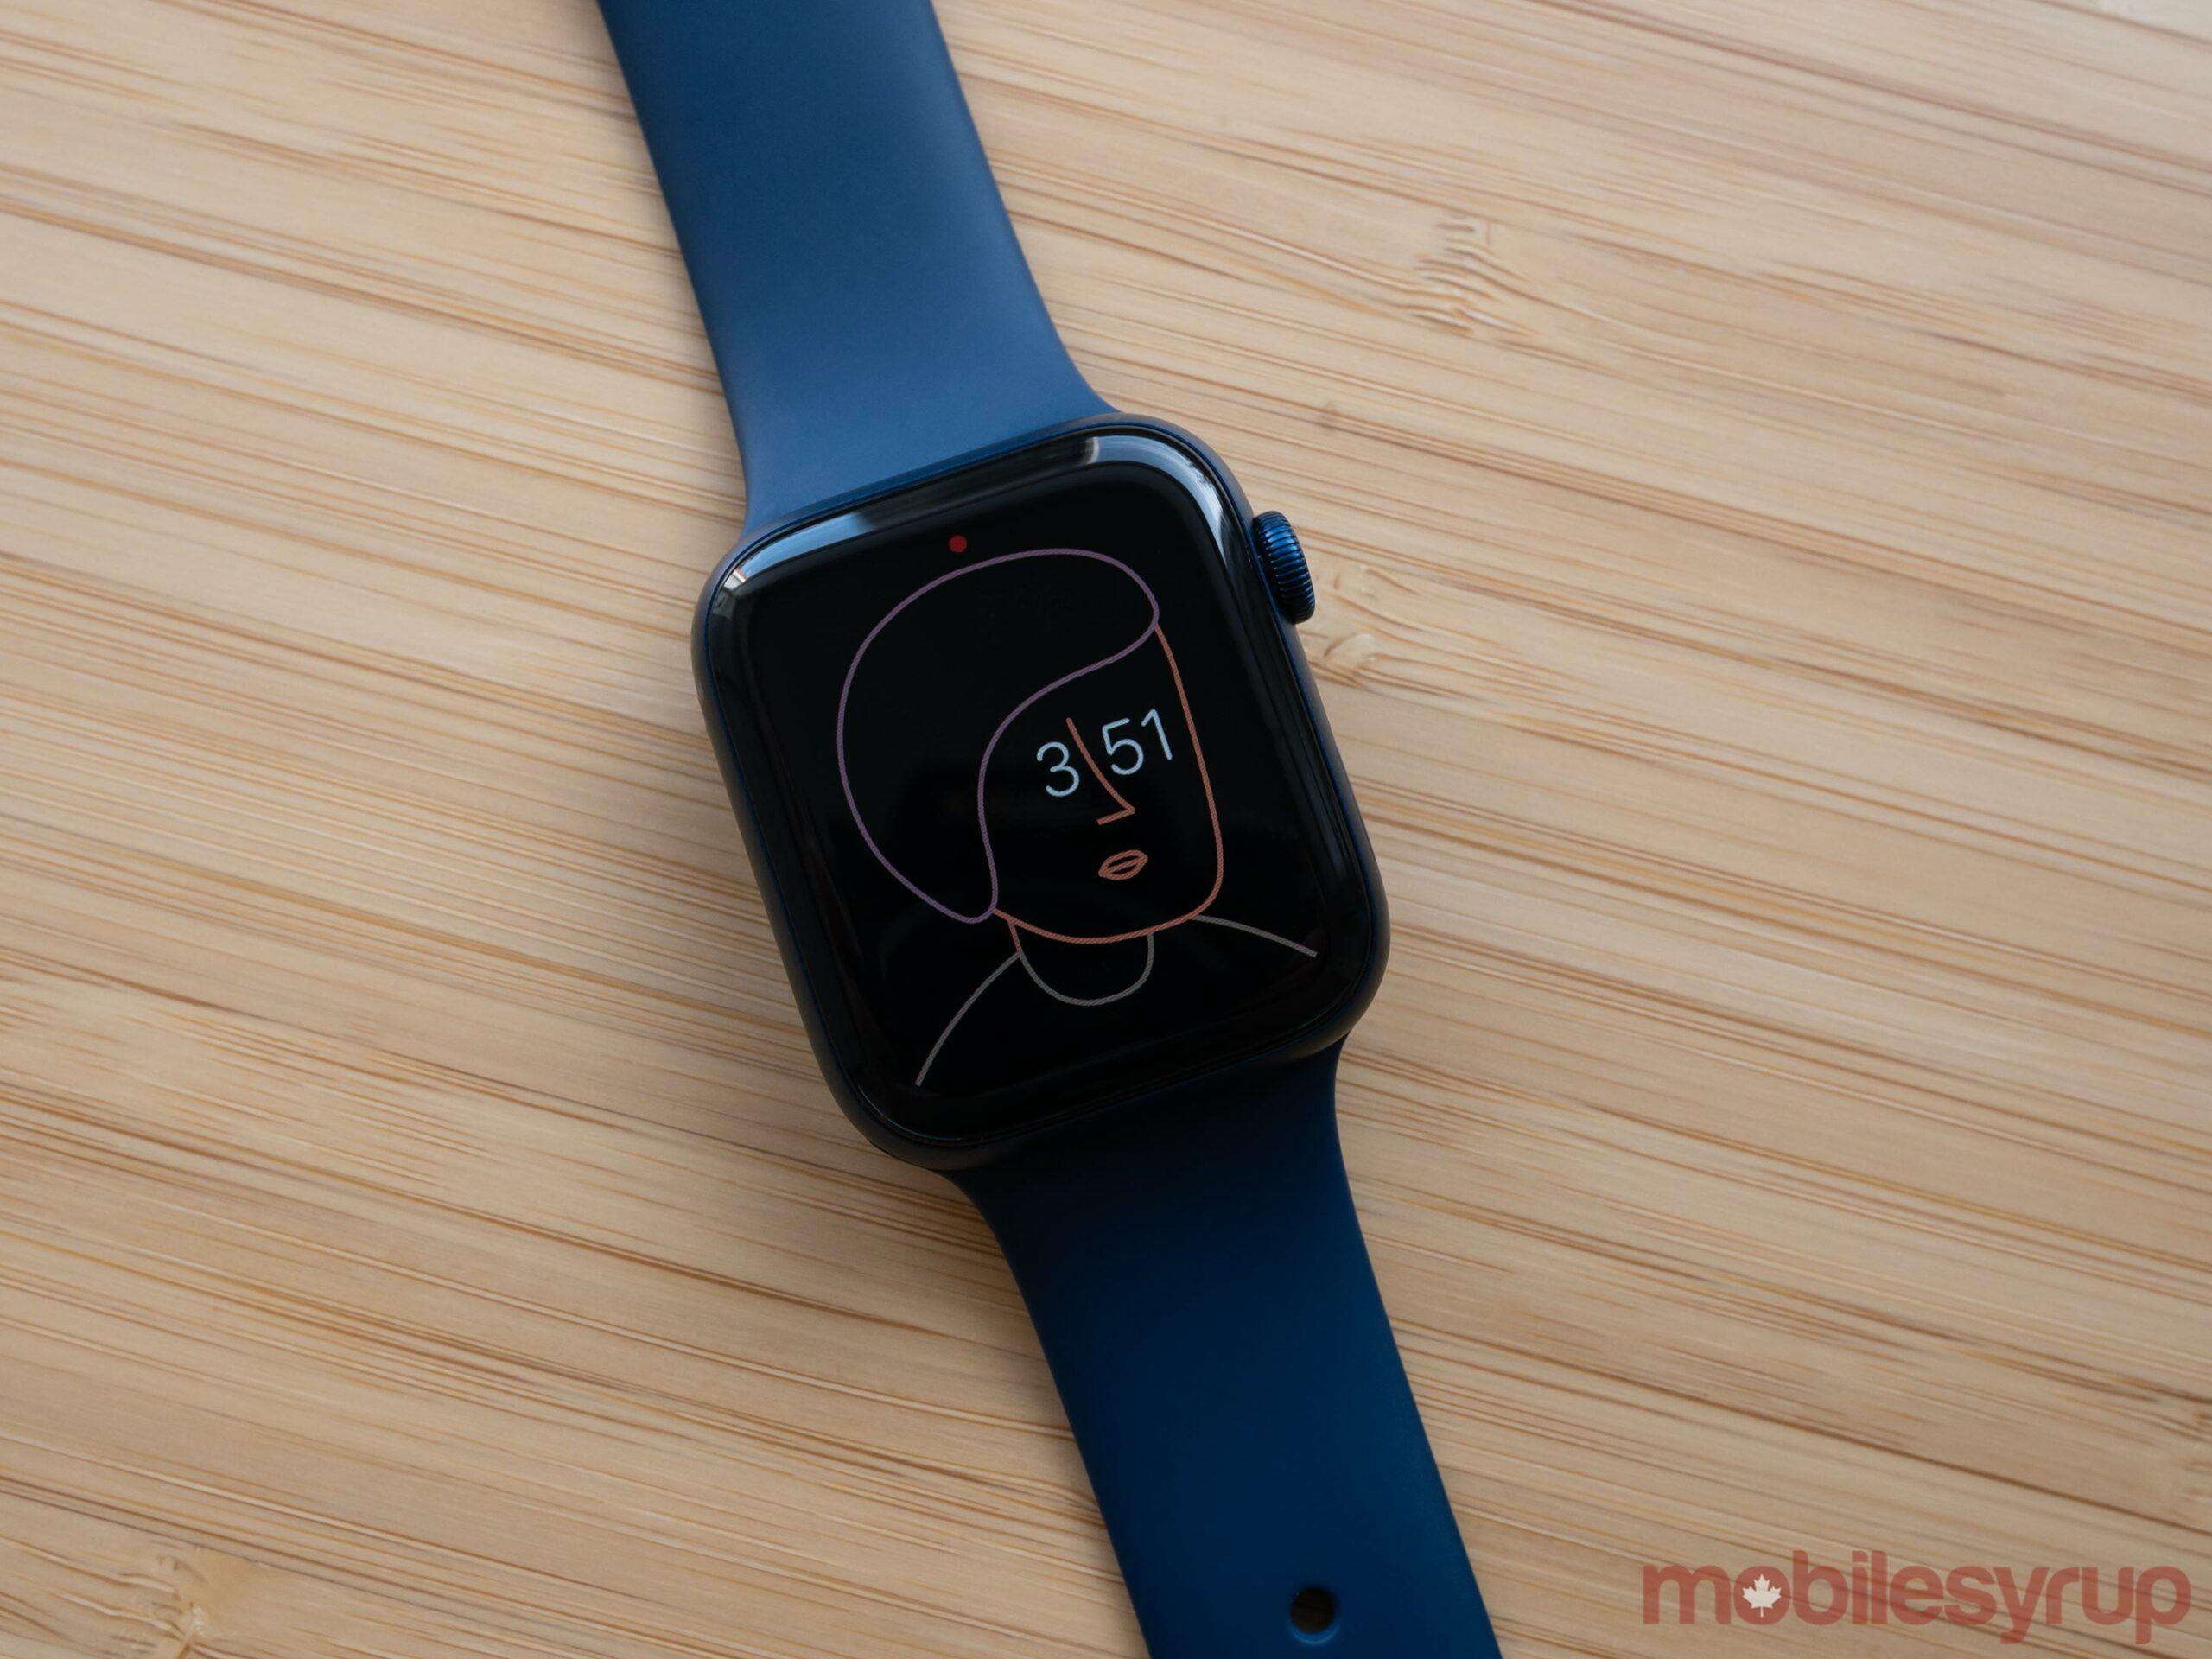 Apple Watch Series 6 Artist Watch Face